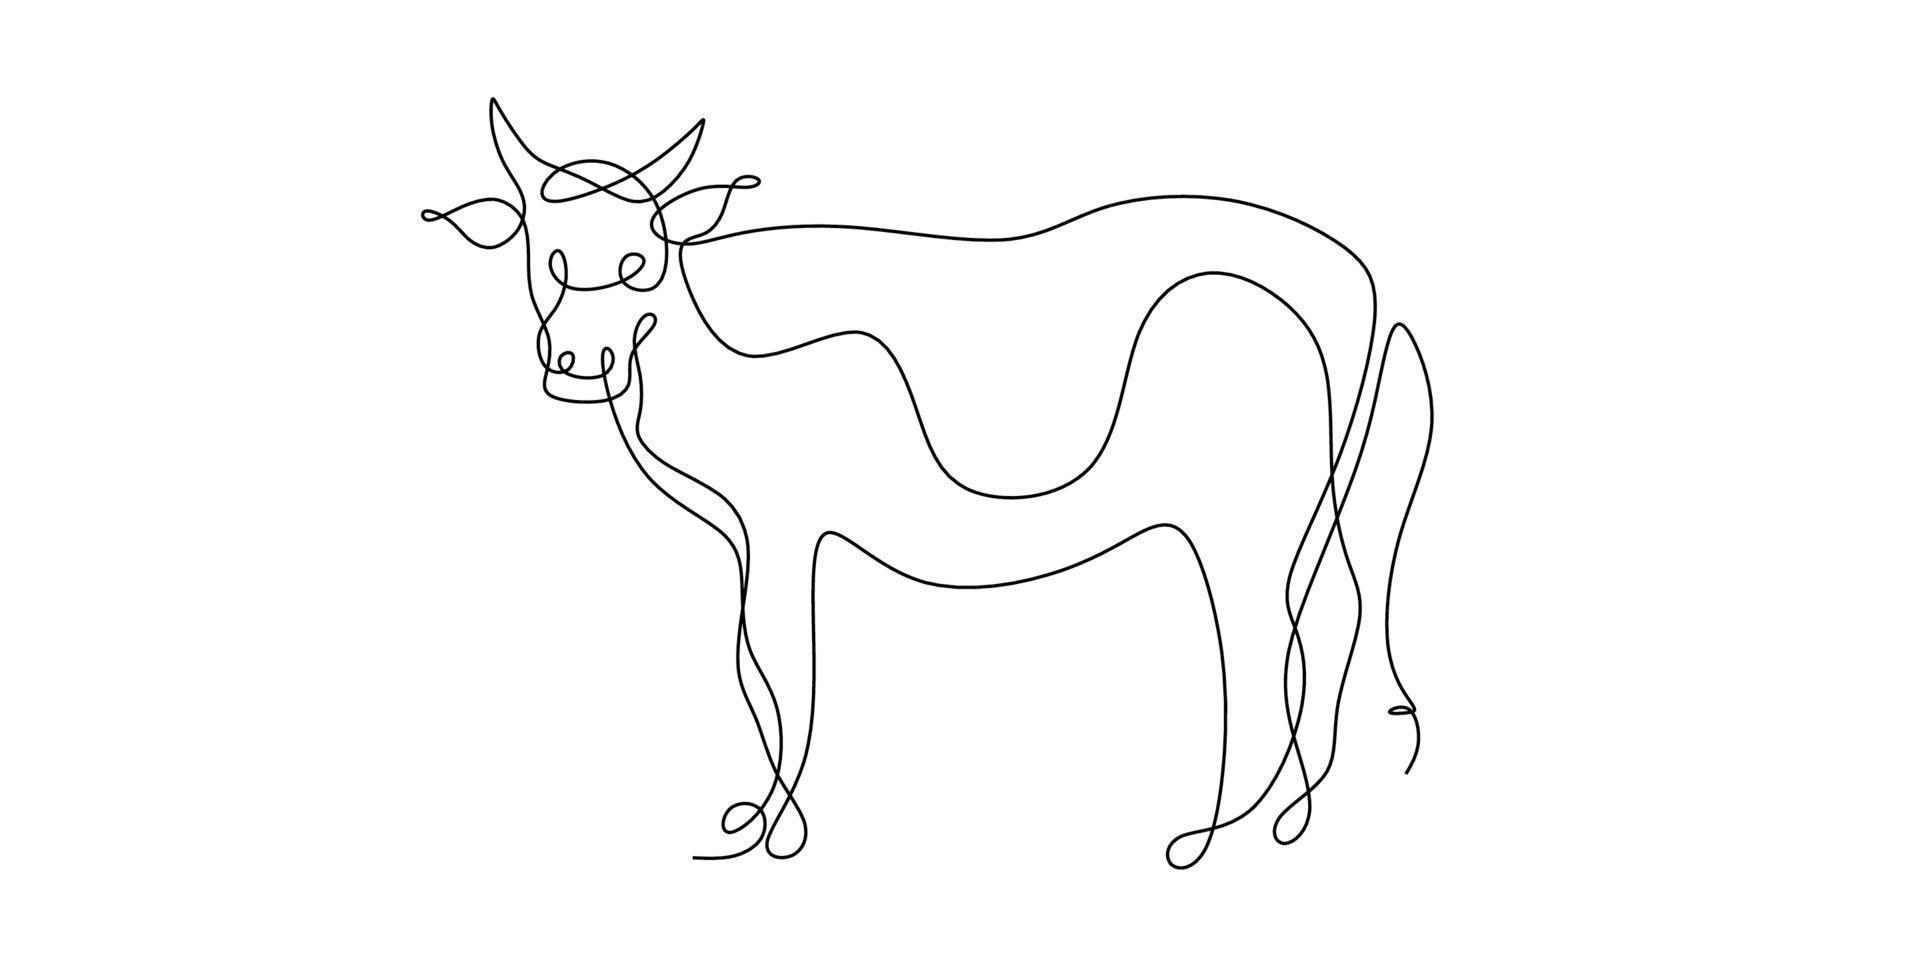 um desenho de linha contínua de uma única linha de gado. desenho de touro de linha contínua, símbolo de 2021. ano do boi desenhado em um isolado no fundo branco. boi, touro ou vaca abstrata. vetor